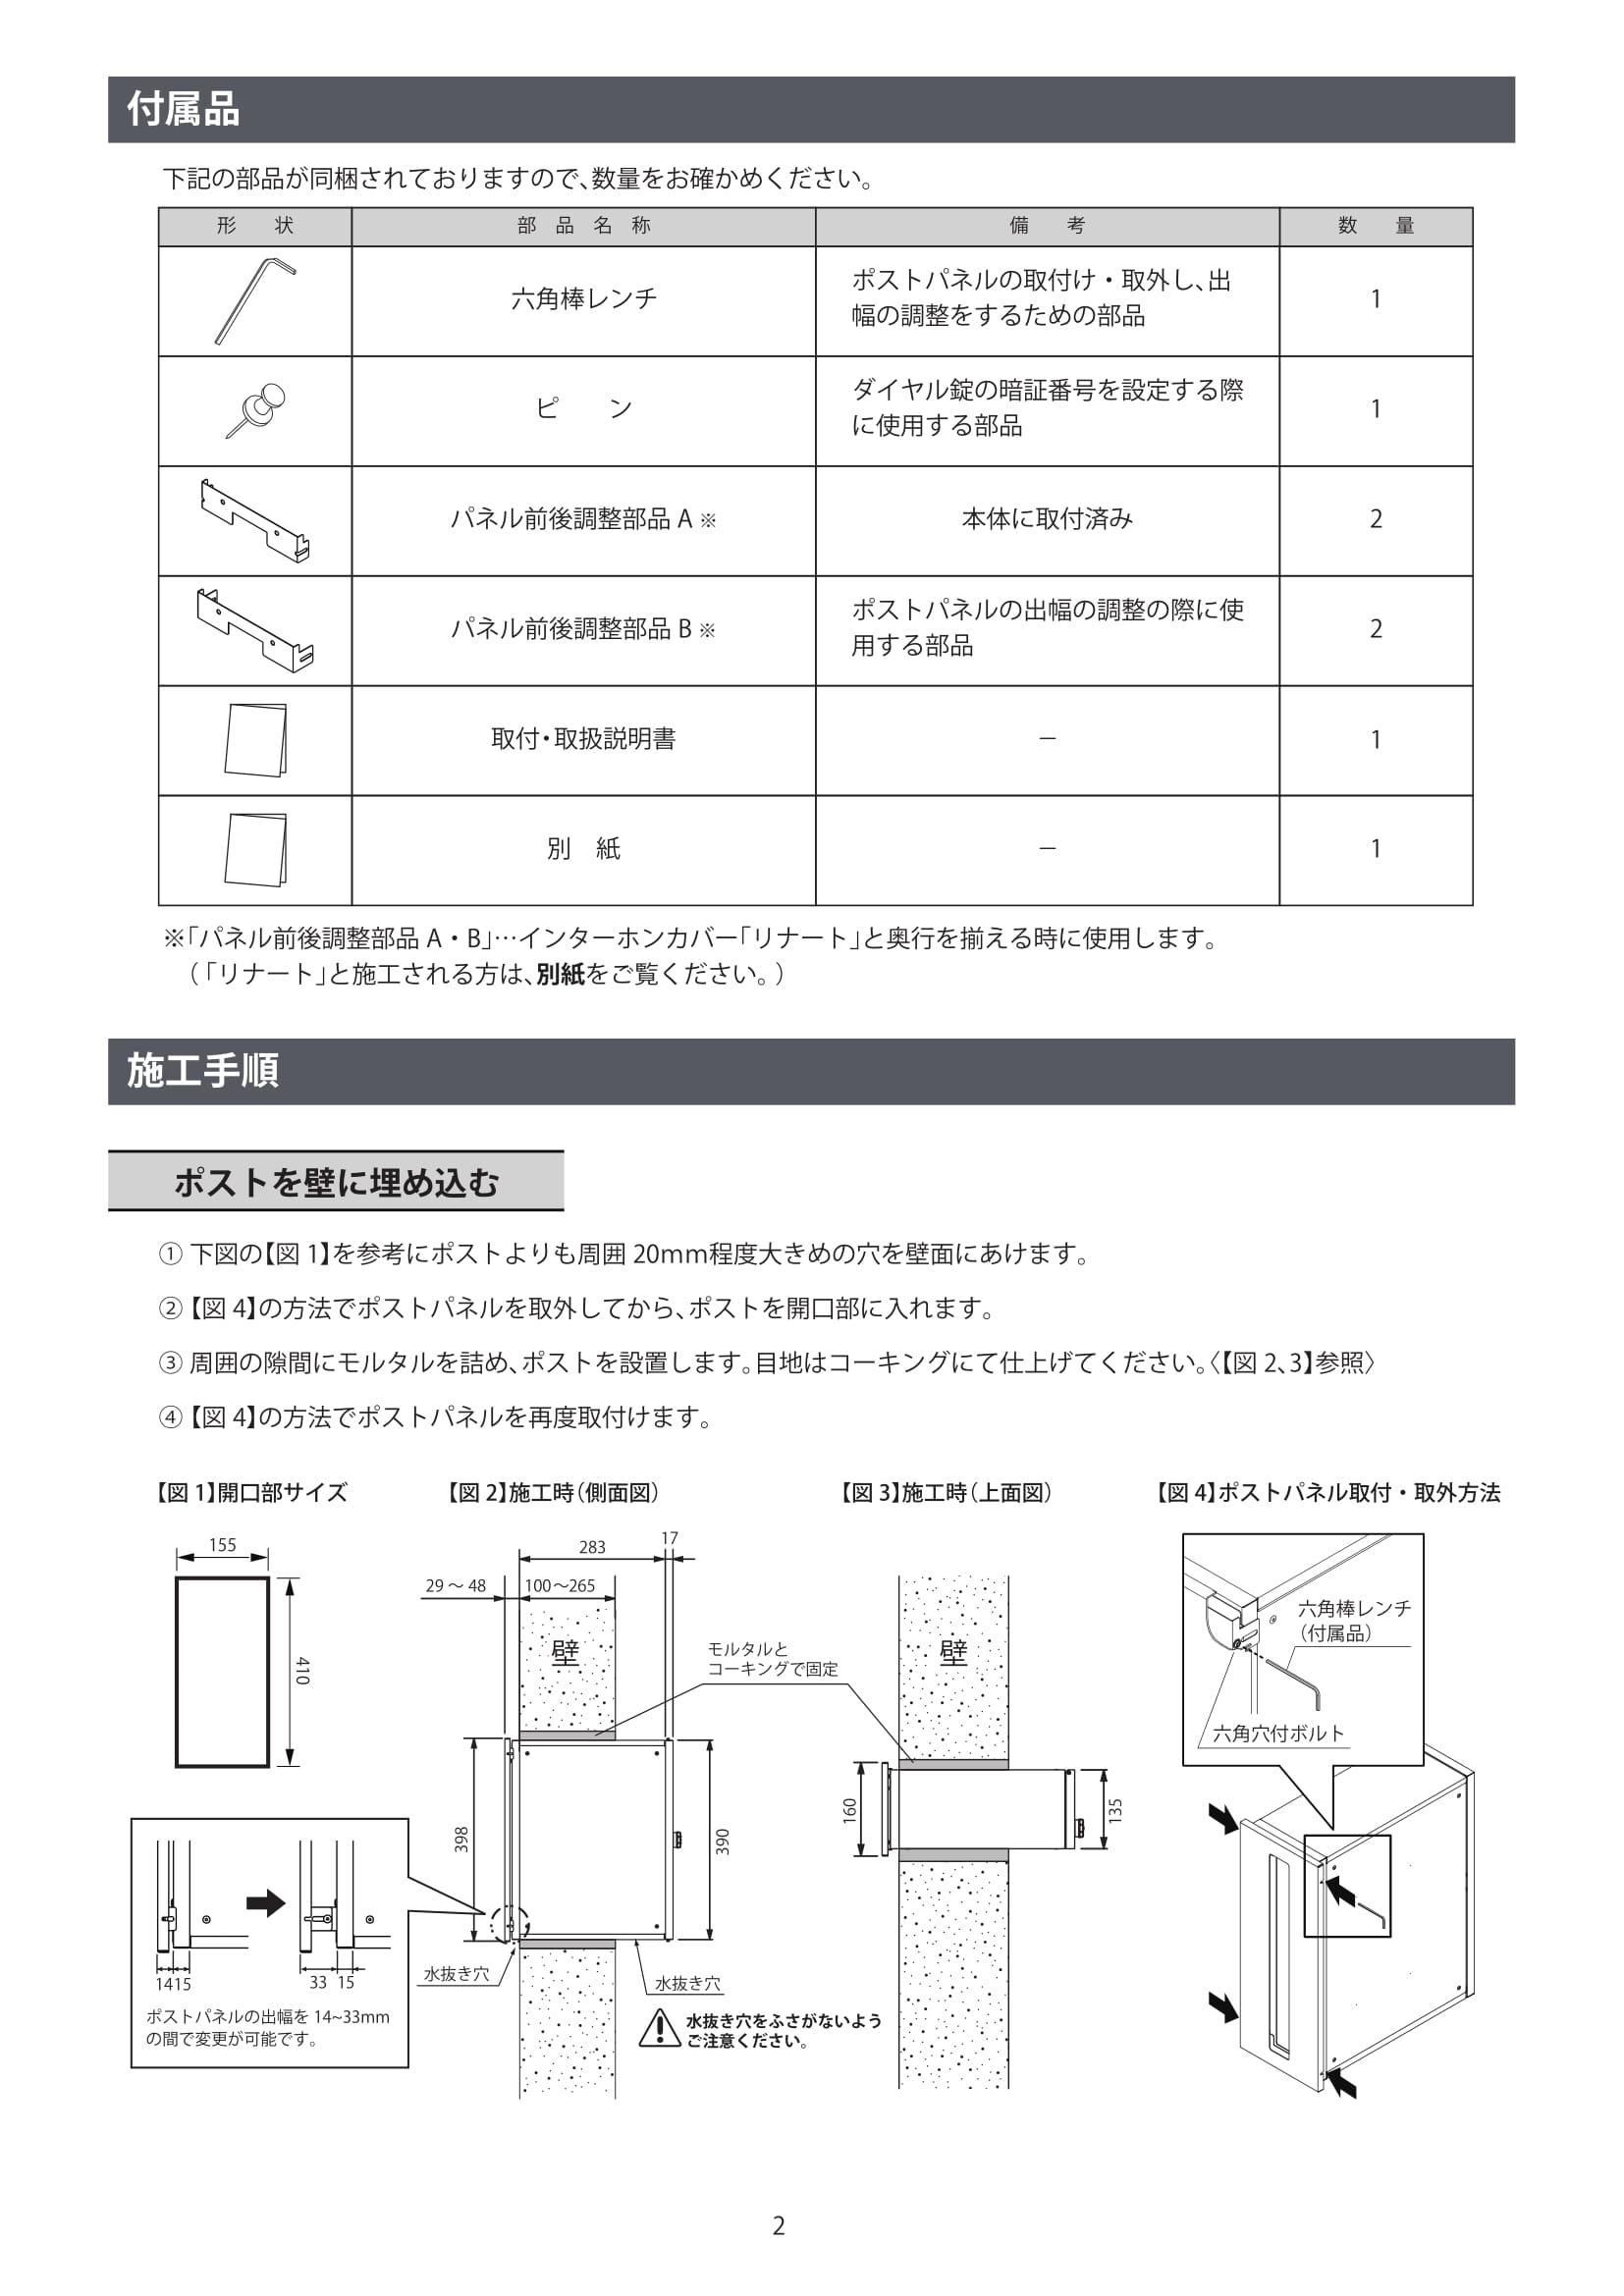 オストタテ_取扱説明書-2